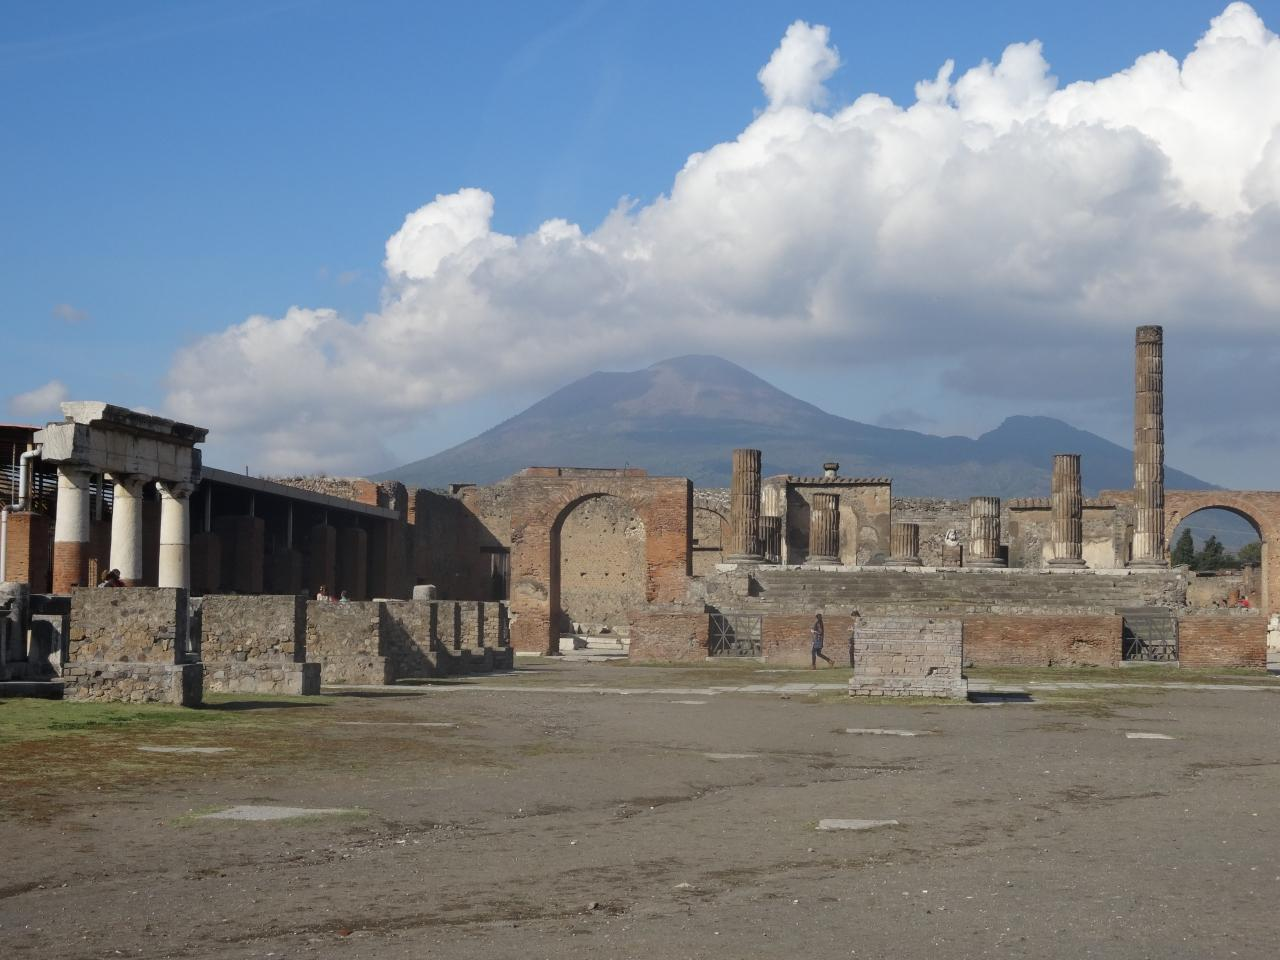 ポンペイ、ヘルクラネウム及びトッレ・アンヌンツィアータの遺跡地域の画像 p1_35